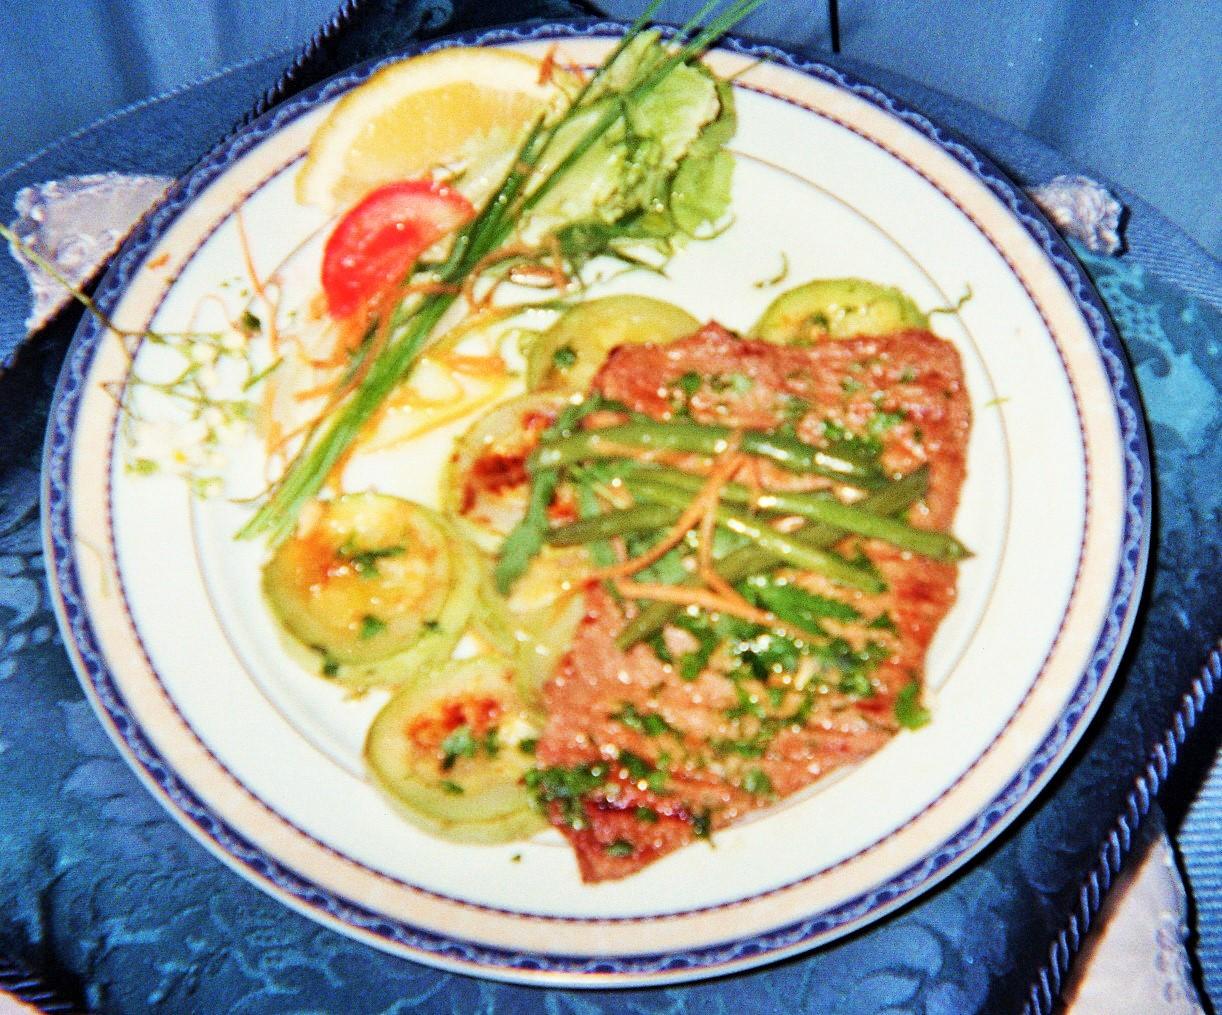 filetto sottile di manzo in salsa di acero e agrumi